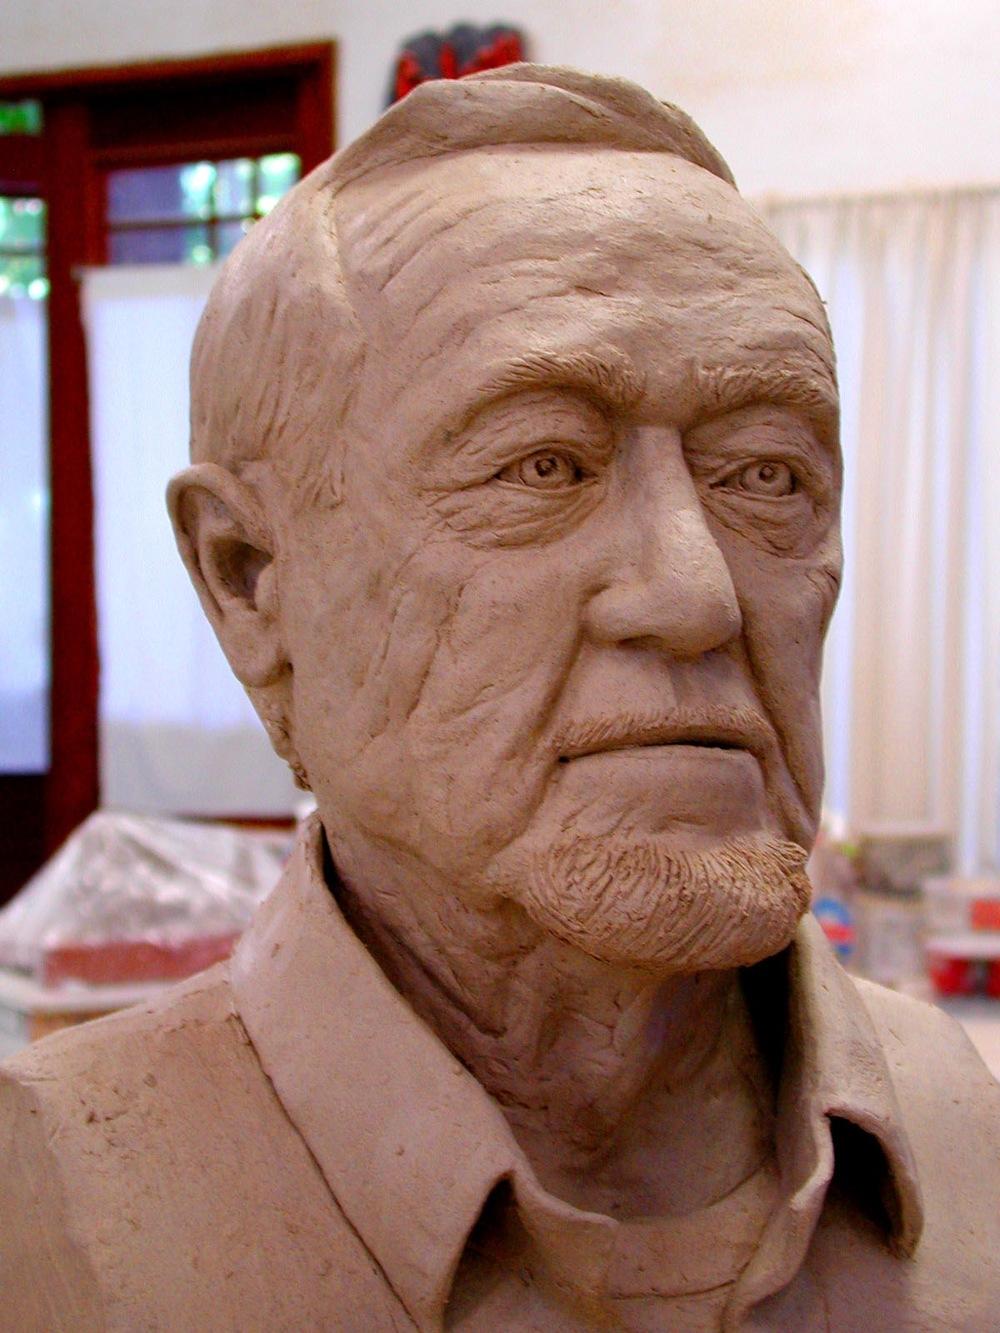 Allen Brennigan